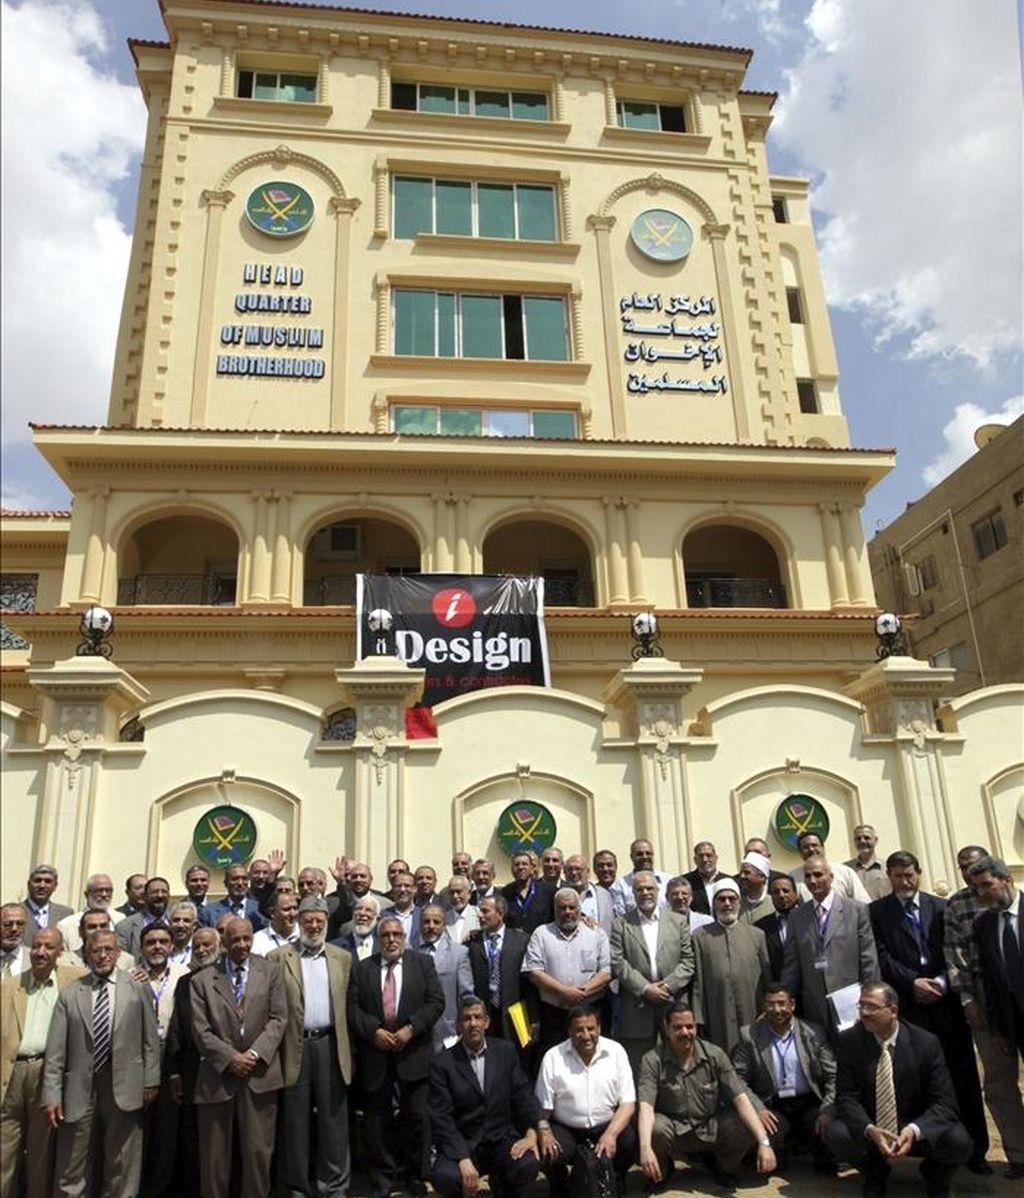 """Foto de familia de los miembros de la Shura de los Hermanos Musulmanes tras su reunión en El Cairo (Egipto), hoy, sábado 30 de abril de 2011. Los Hermanos Musulmanes presentaron hoy a los líderes del nuevo partido """"La libertad y la justicia"""" que encabezarán la lista a los comicios legislativos de septiembre. EFE"""